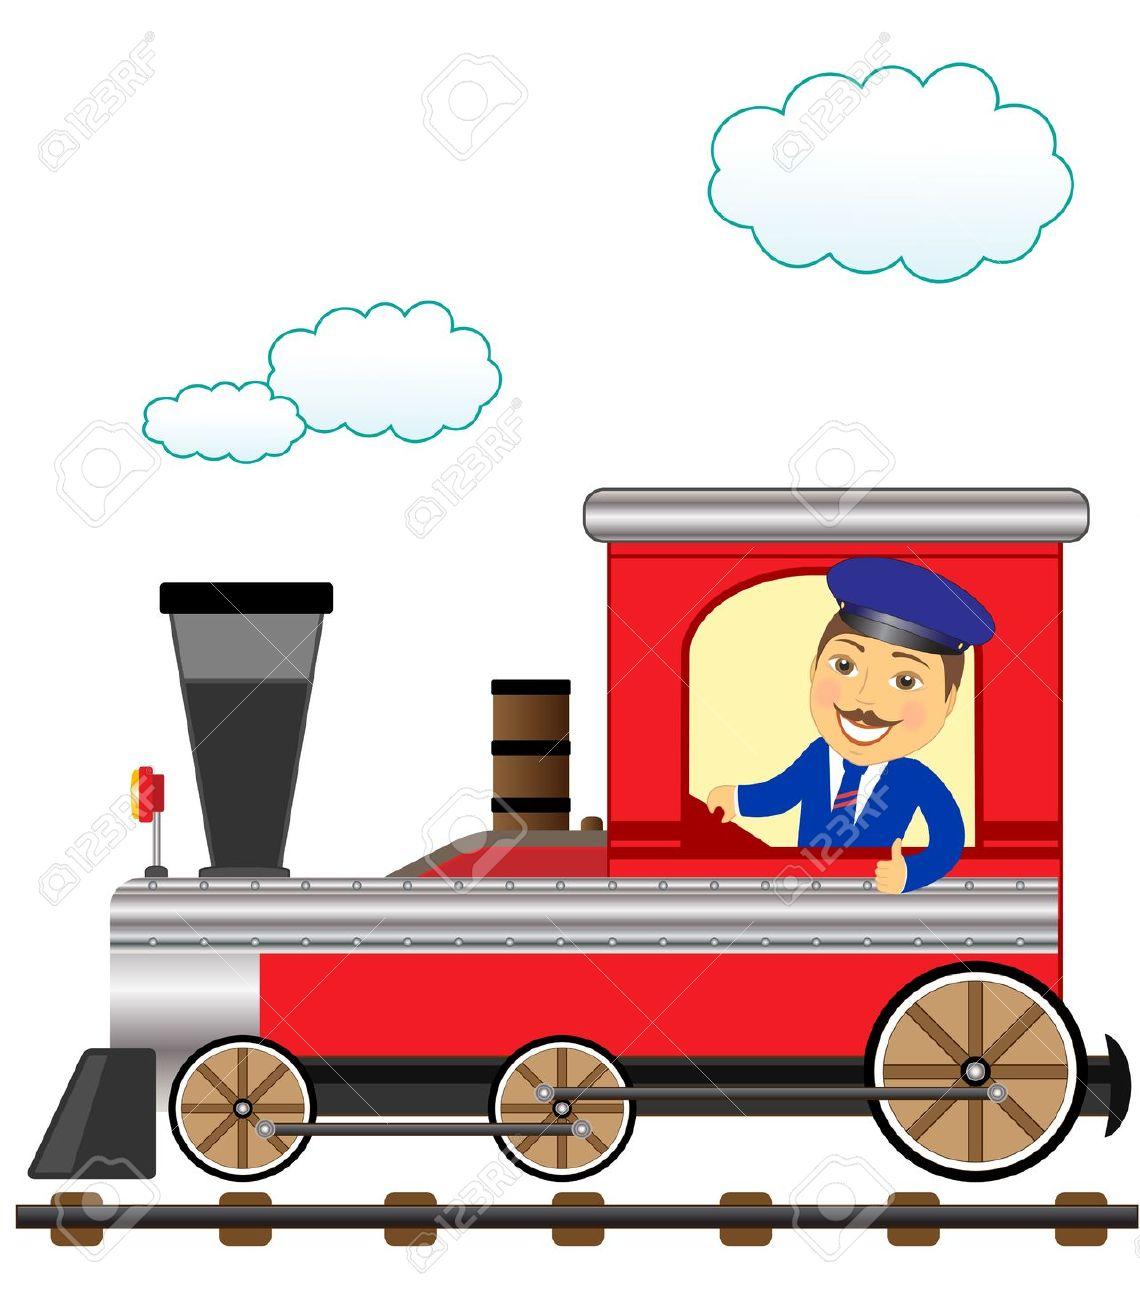 Train driver clipart - Clipground